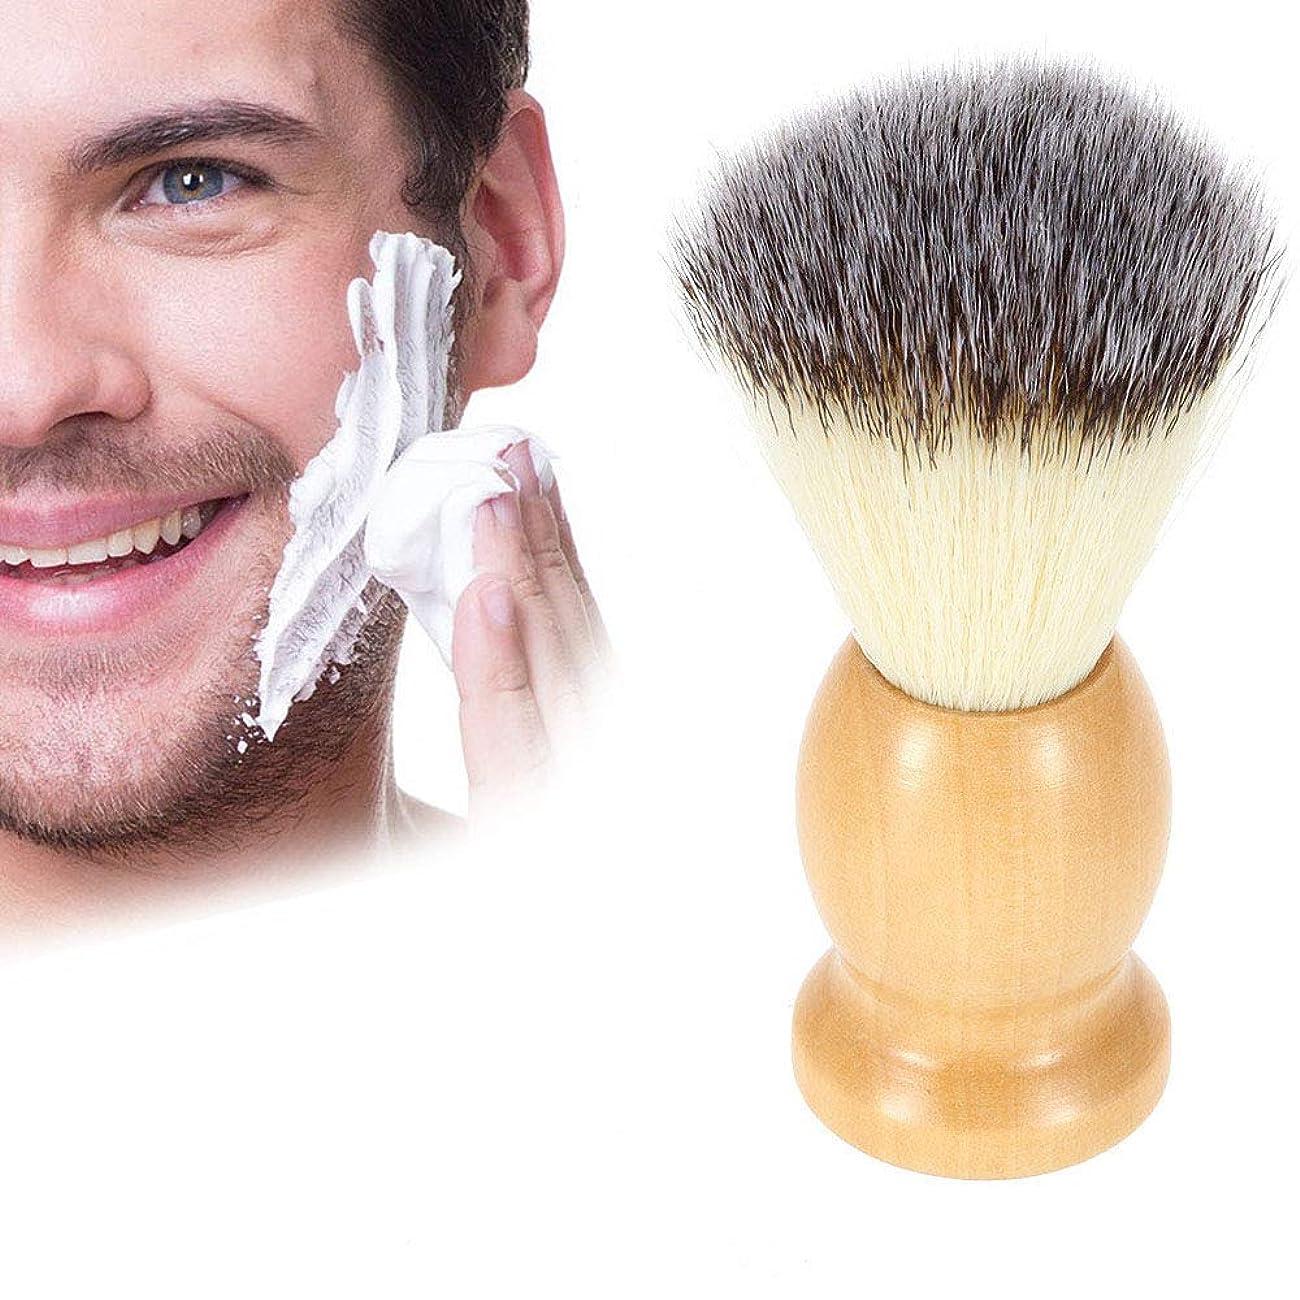 リア王浴室承認するButokal ナイロンひげブラシ メンズ用ブラシ 木製ハンドルシェービングブラシ 泡立ち ひげブラシ 理容 洗顔 髭剃り ご主人 ボーイフレンド 友人 にプレゼント シェービング用アクセサリー